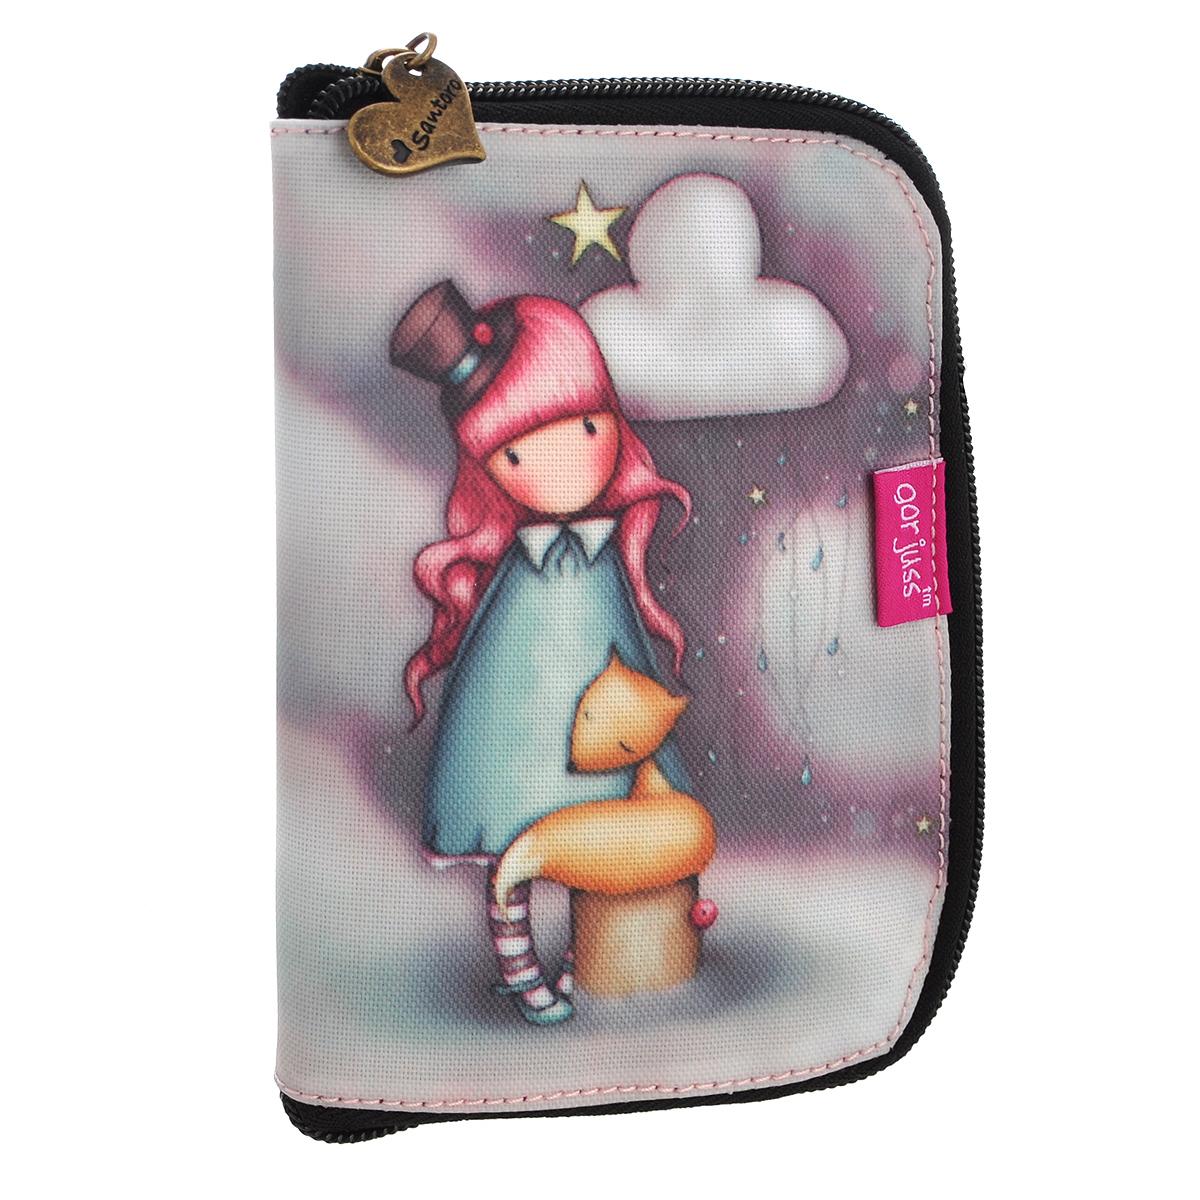 Складывающаяся сумка для покупок The Dreamer, цвет: сиреневый. 00122100012210Складывающаяся сумка для покупок с милой девочкой непременно порадует вас или станет прекрасным подарком. Сумка складывается в симпатичный чехольчик на молнии, сама сумка выполнена из текстиля сиреневого цвета с орнаментом и имеет две удобные ручки. Сумка очень удобна в использовании - ее легко раскладывать и складывать. Характеристики: Материалы: текстиль, ПВХ, металл. Размер чехла на молнии: 10,5 см x 16 см x 1,5 см. Размер сумки в разложенном виде: 54 см х 35 см х 17 см.